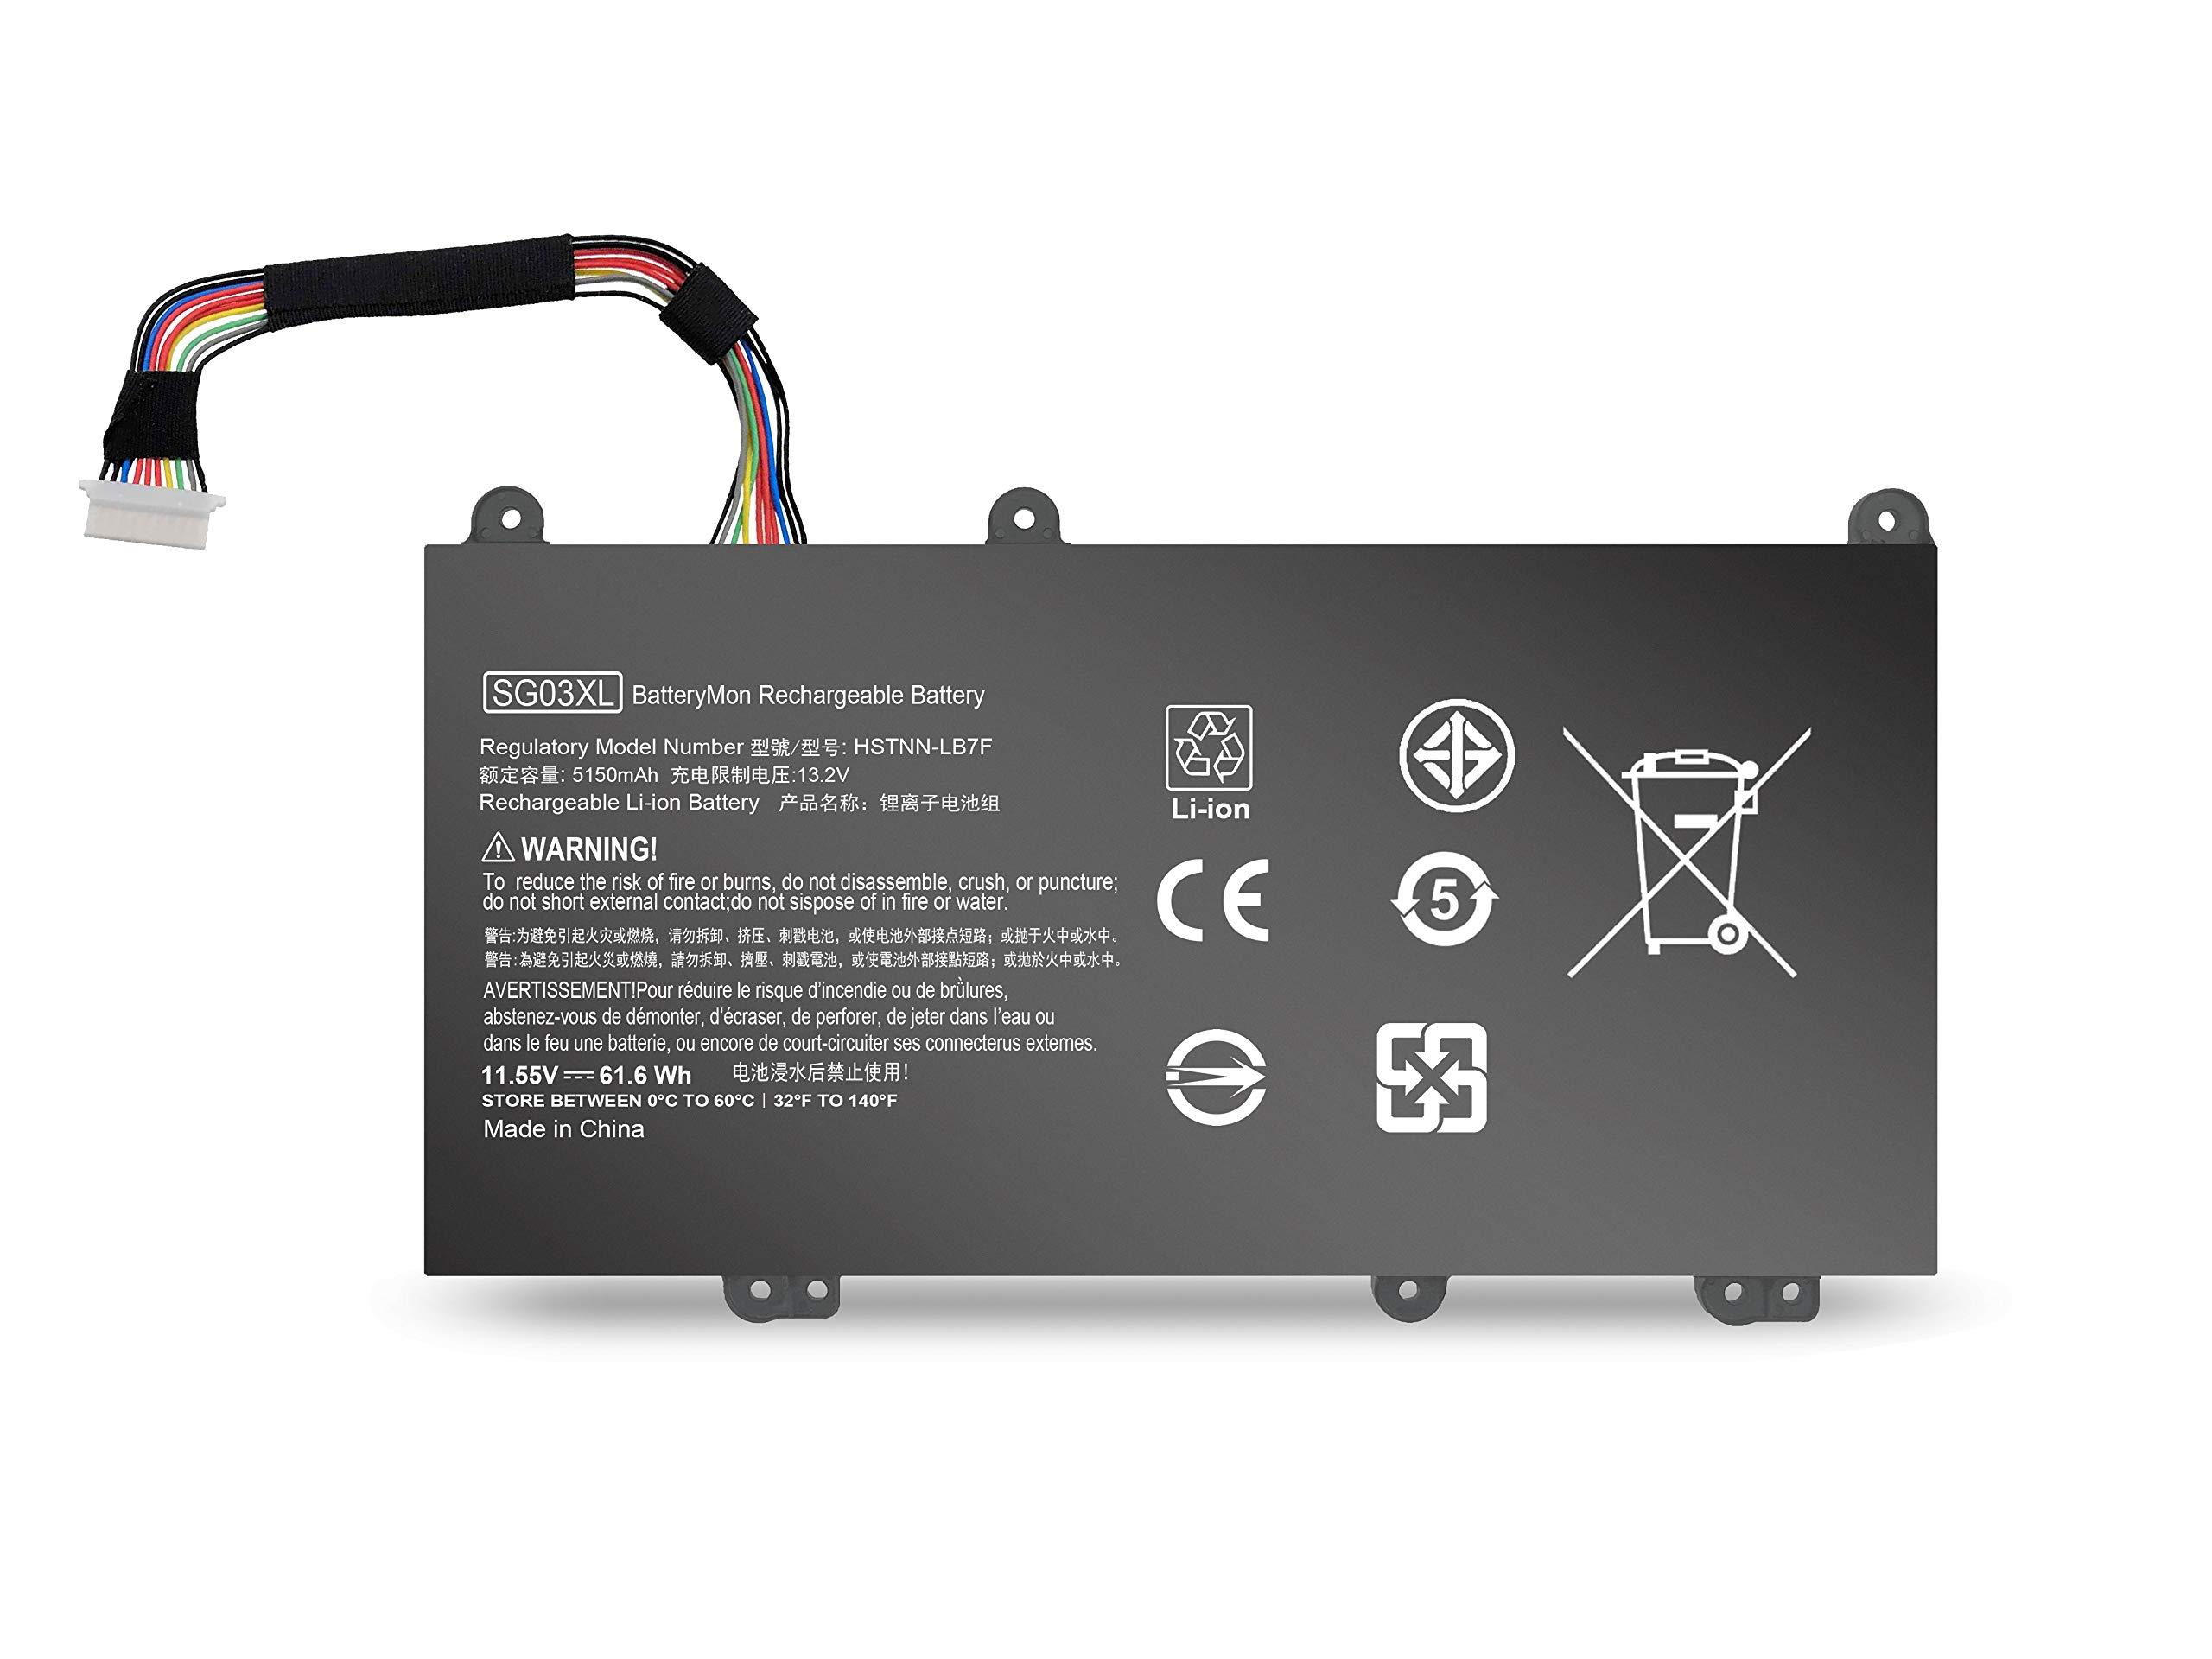 BatteryMon SG03XL Battery for HP Envy 17-U 17t-U M7-U 17-u011nr 17-u175nr 17t-u100 M7-u109dx M7-u009dx Touchscreen Laptop, P/N: SG03061XL TPN-I126 HSTNN-LB7F HSTNN-LB7E 849315-850 849049-421